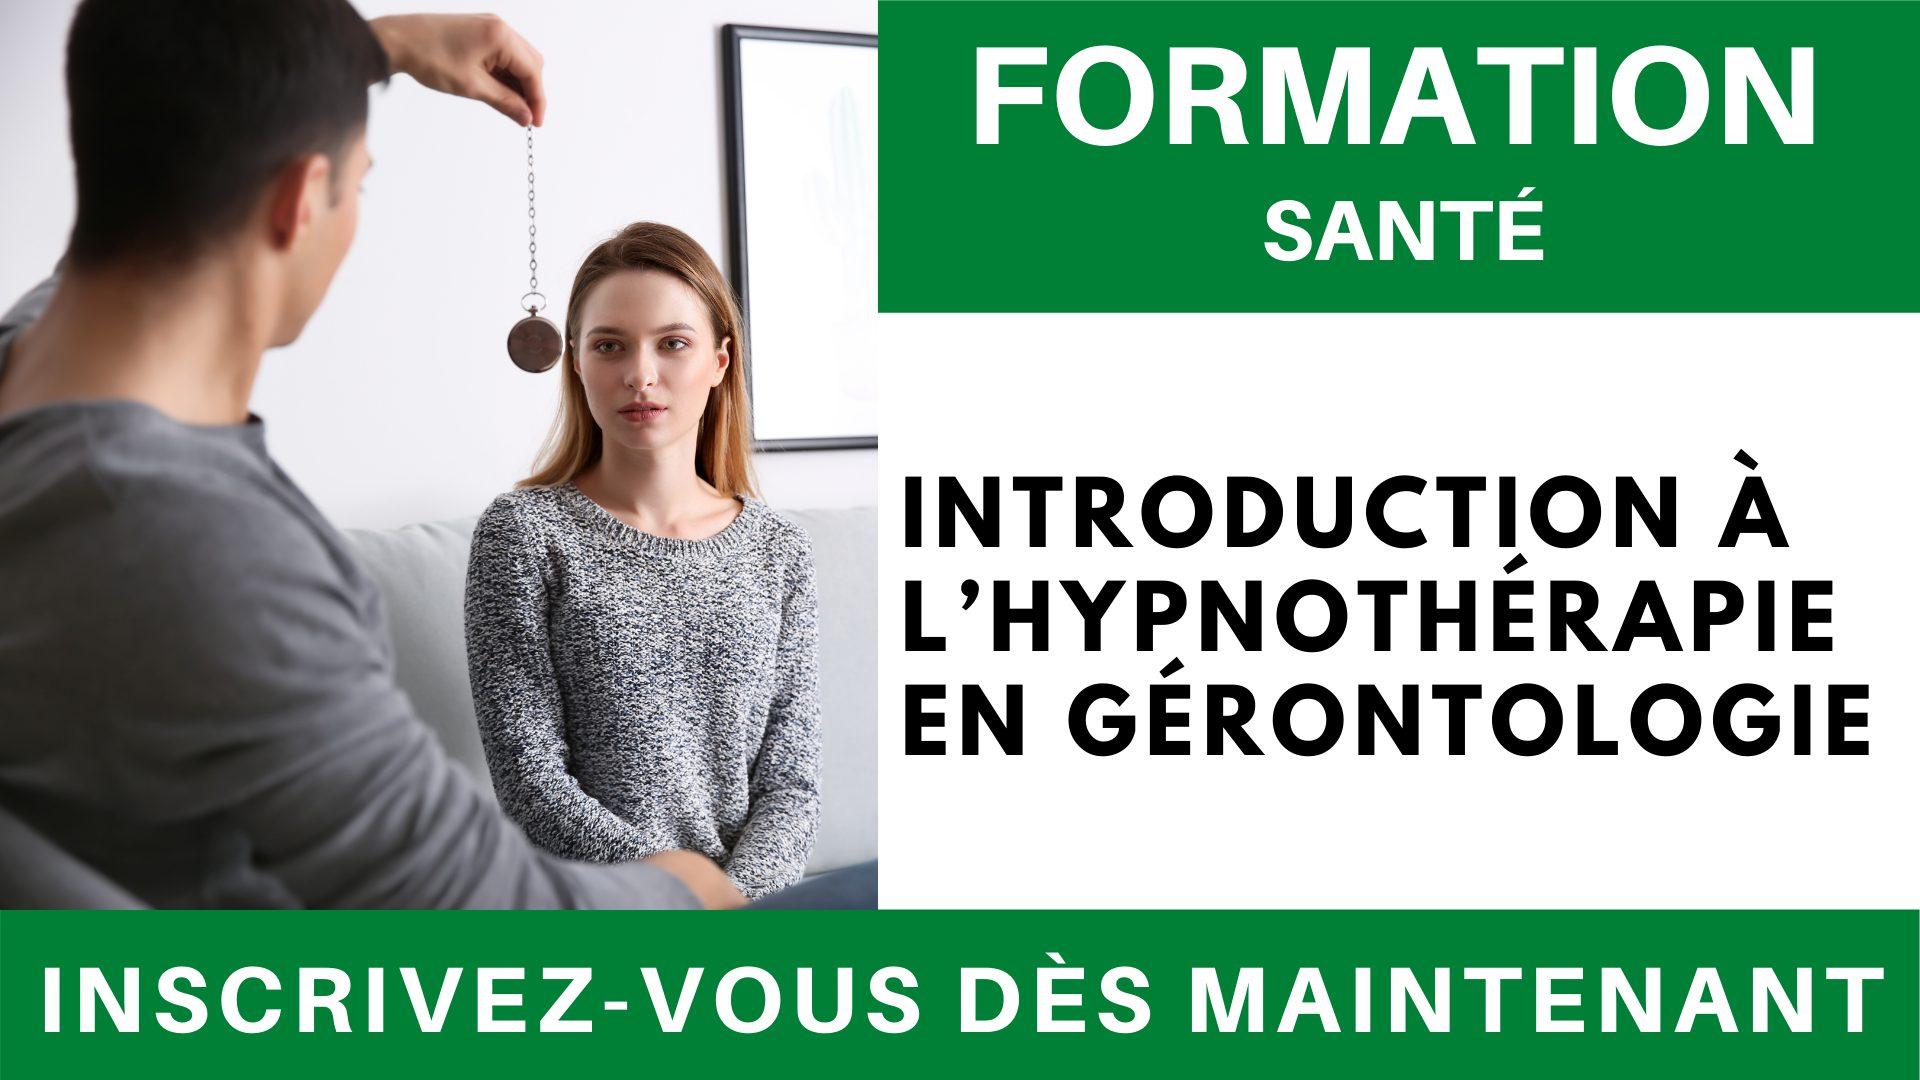 Formation SANTE - Introduction à l'hypnothérapie en gérontologie